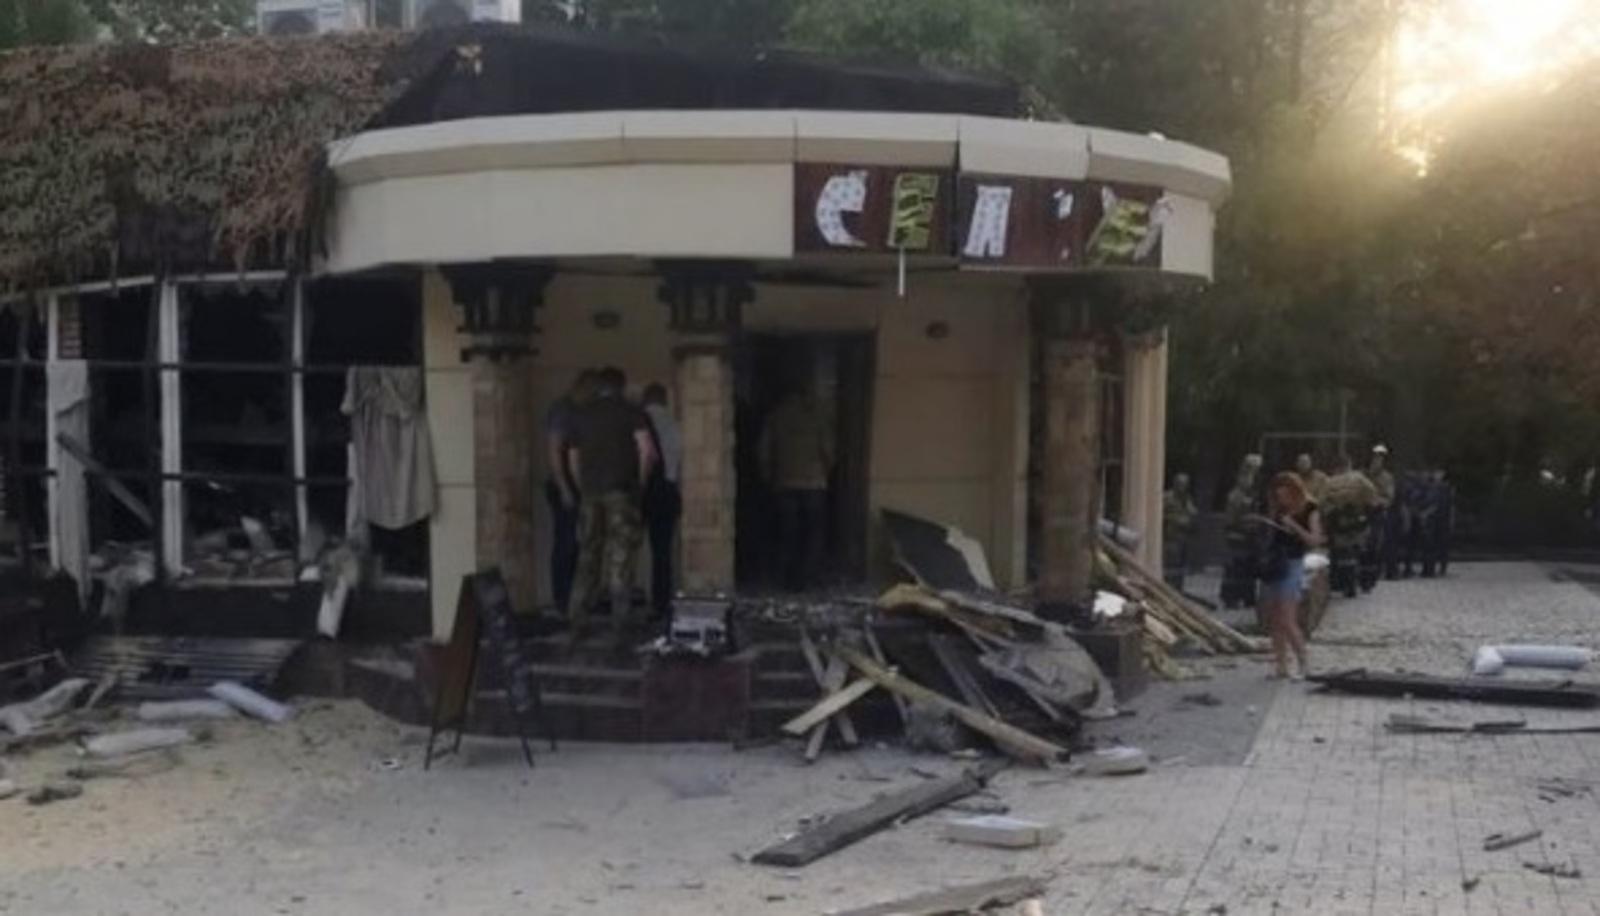 Взрыв произошел в ресторане Сепар в центре Донецка